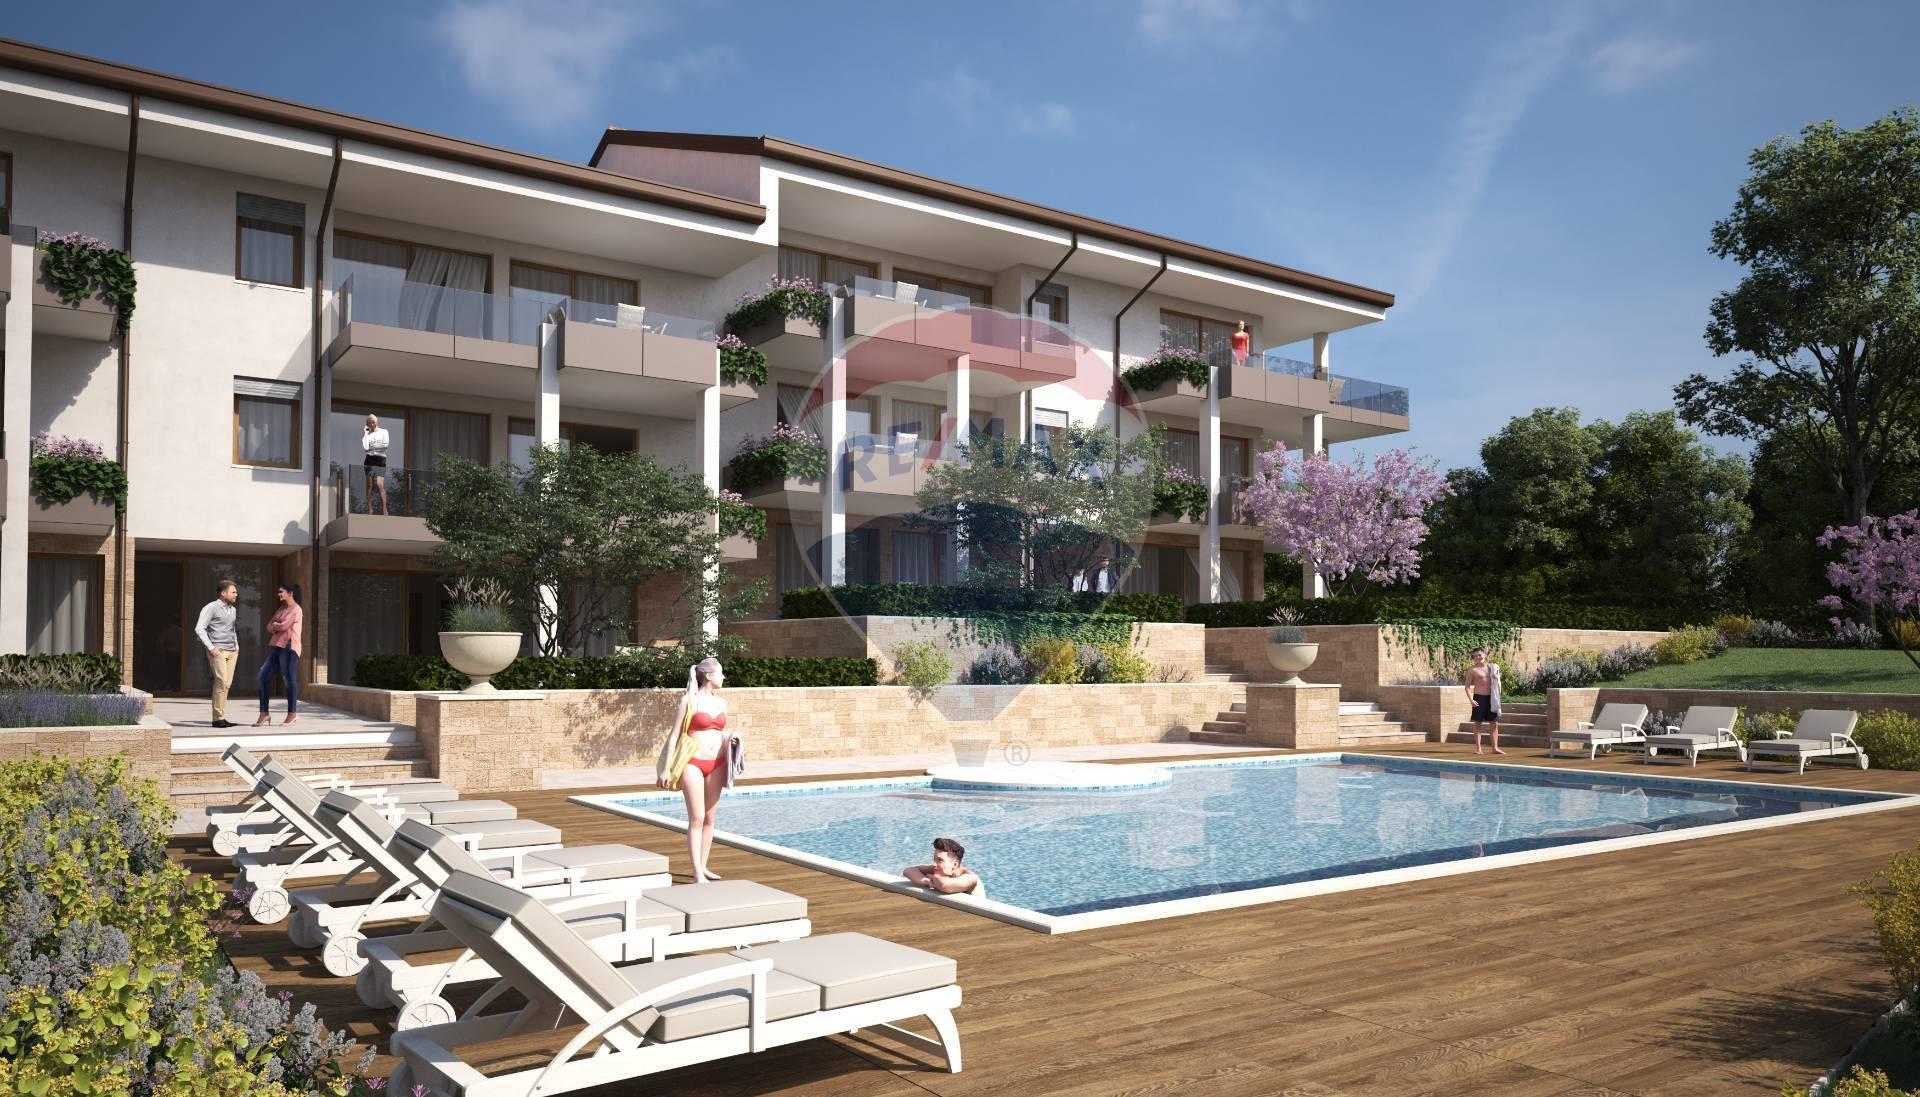 Attico / Mansarda in vendita a Desenzano del Garda, 4 locali, prezzo € 950.000 | PortaleAgenzieImmobiliari.it